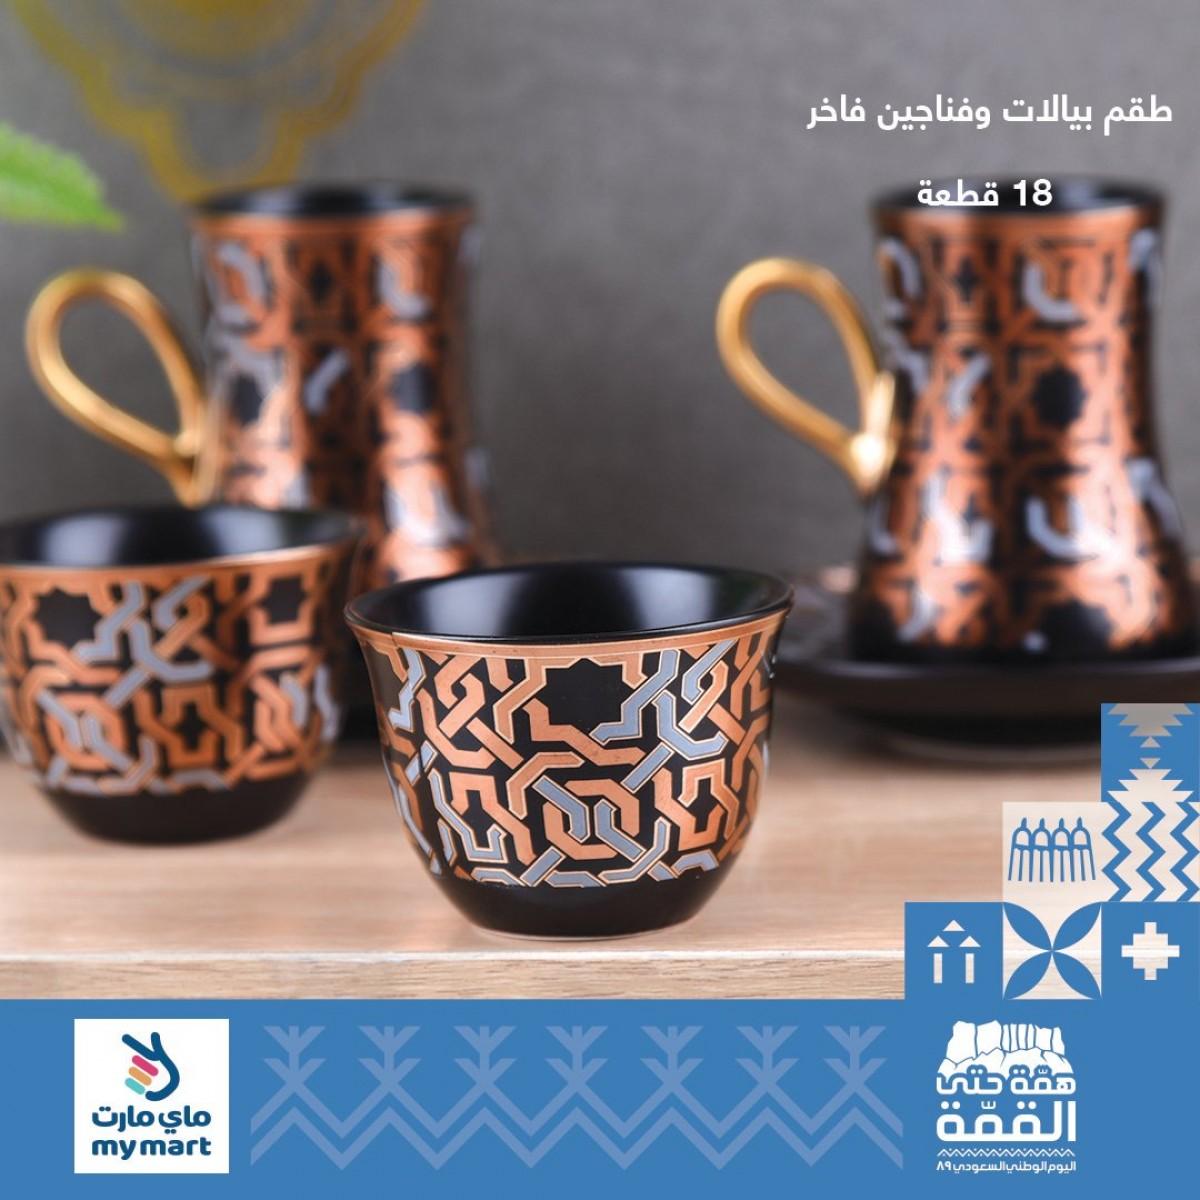 طقم فناجين قهوة وبيالات شاي مع الصحون - 18 قطعة 510016